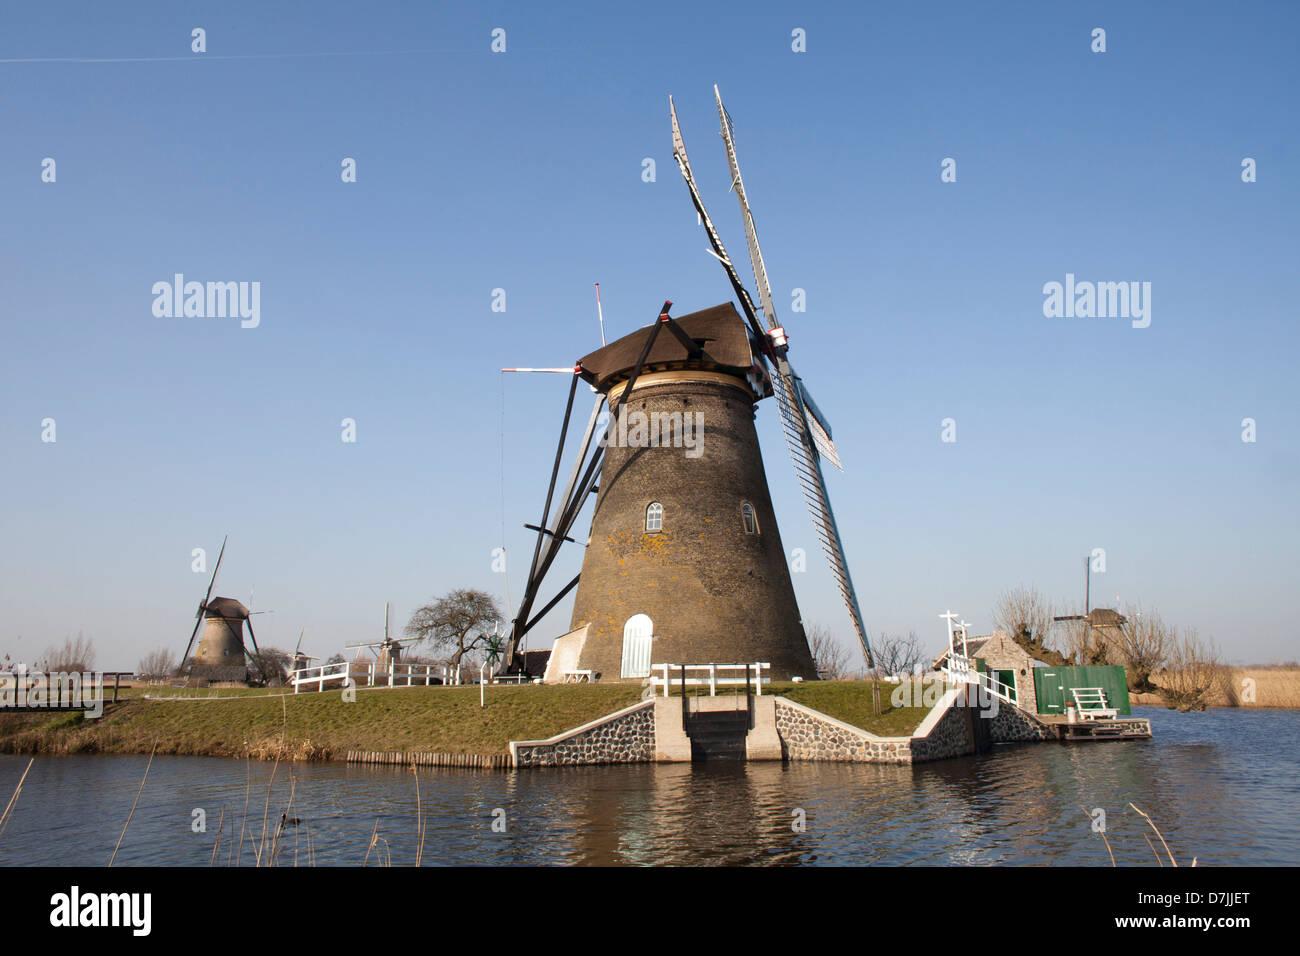 19 mills at the 'kinderdijk' near Rotterdam - Stock Image